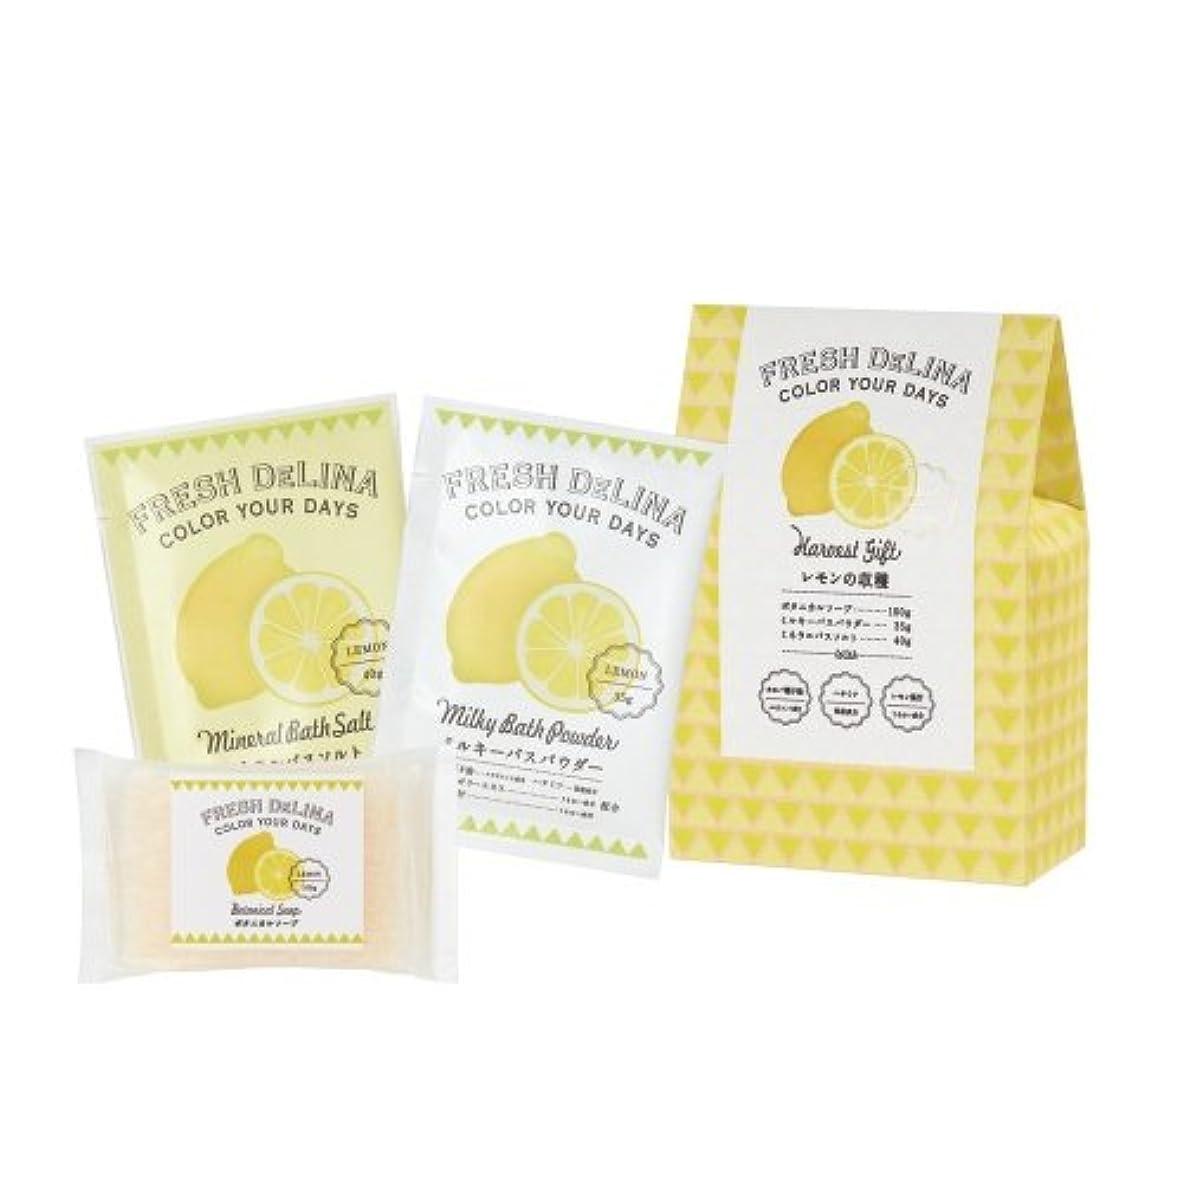 盆幻影リルフレッシュデリーナ ハーベストギフト レモン (ミルキバスパウダー35g、ミネラルバスソルト40g、ボタニカルソープ100g 「各1個」)